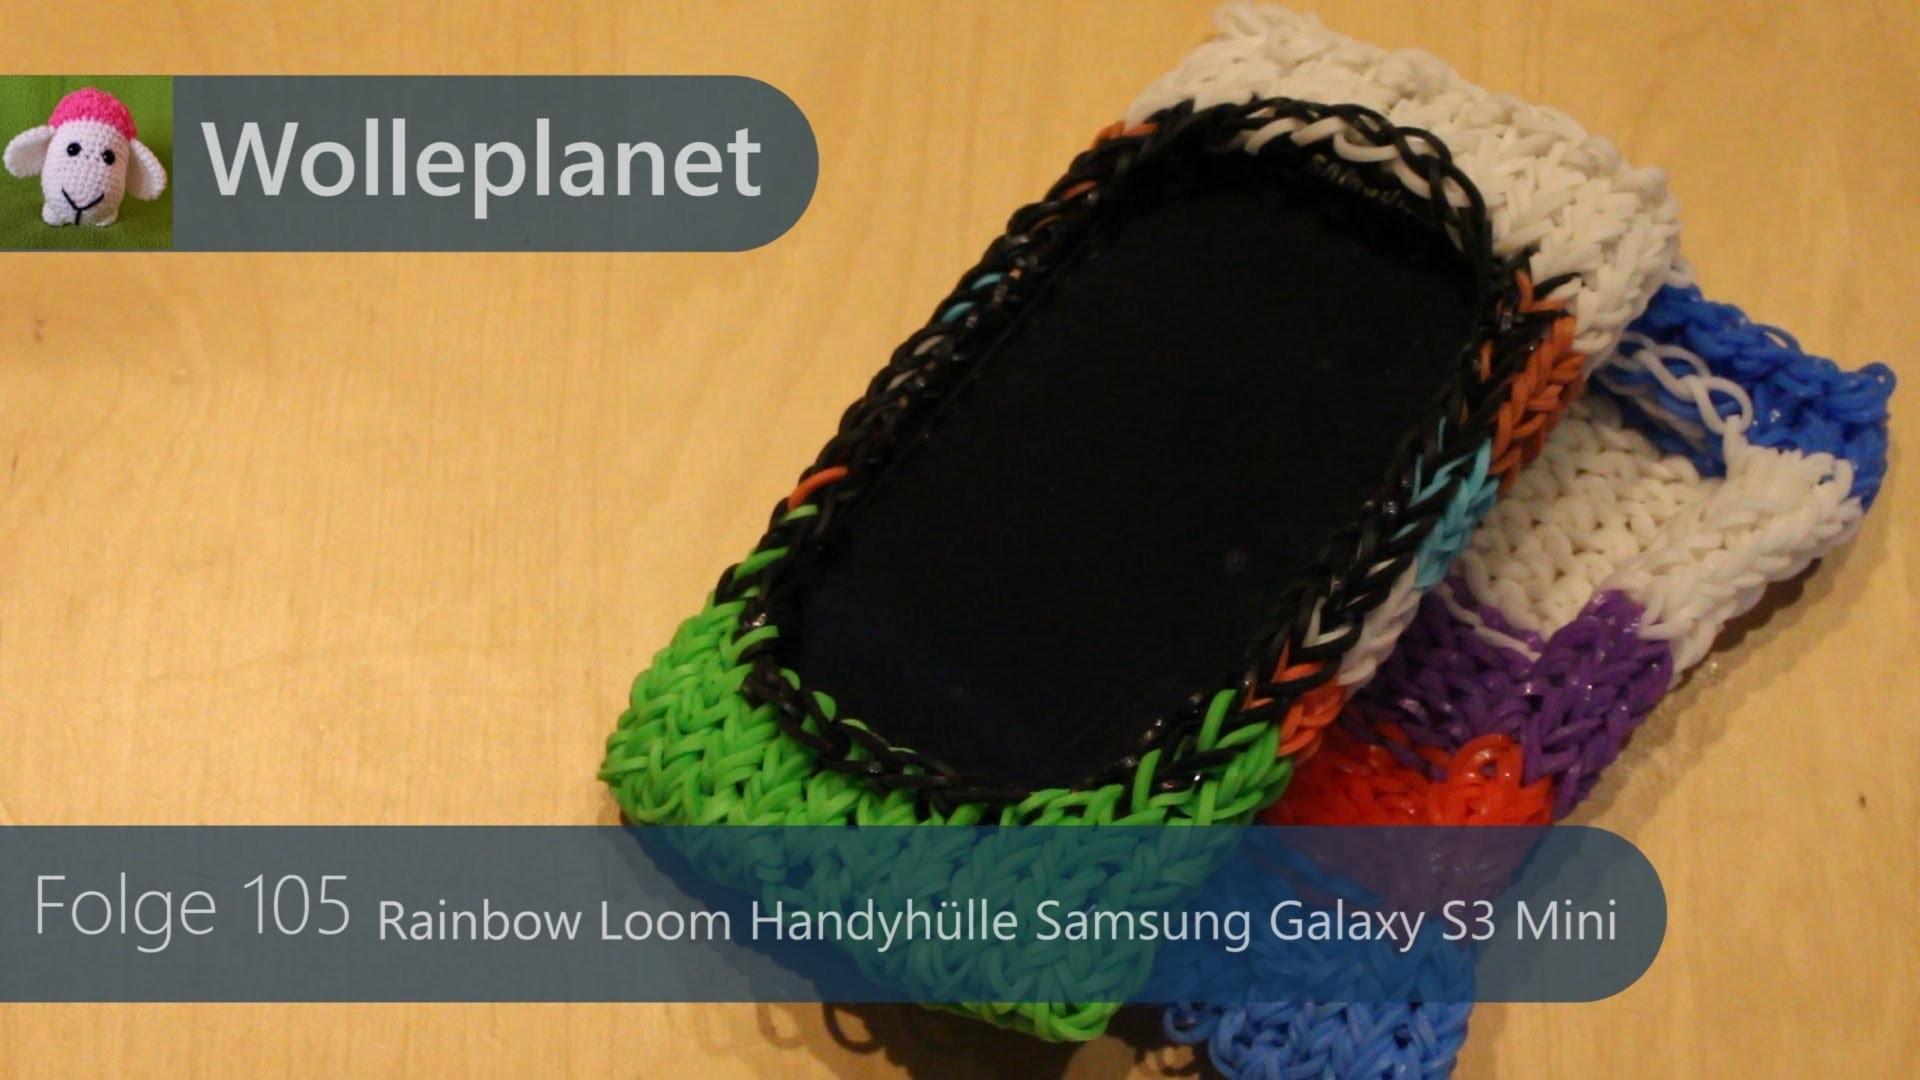 Rainbow Loom Handyhülle mini mit Loom